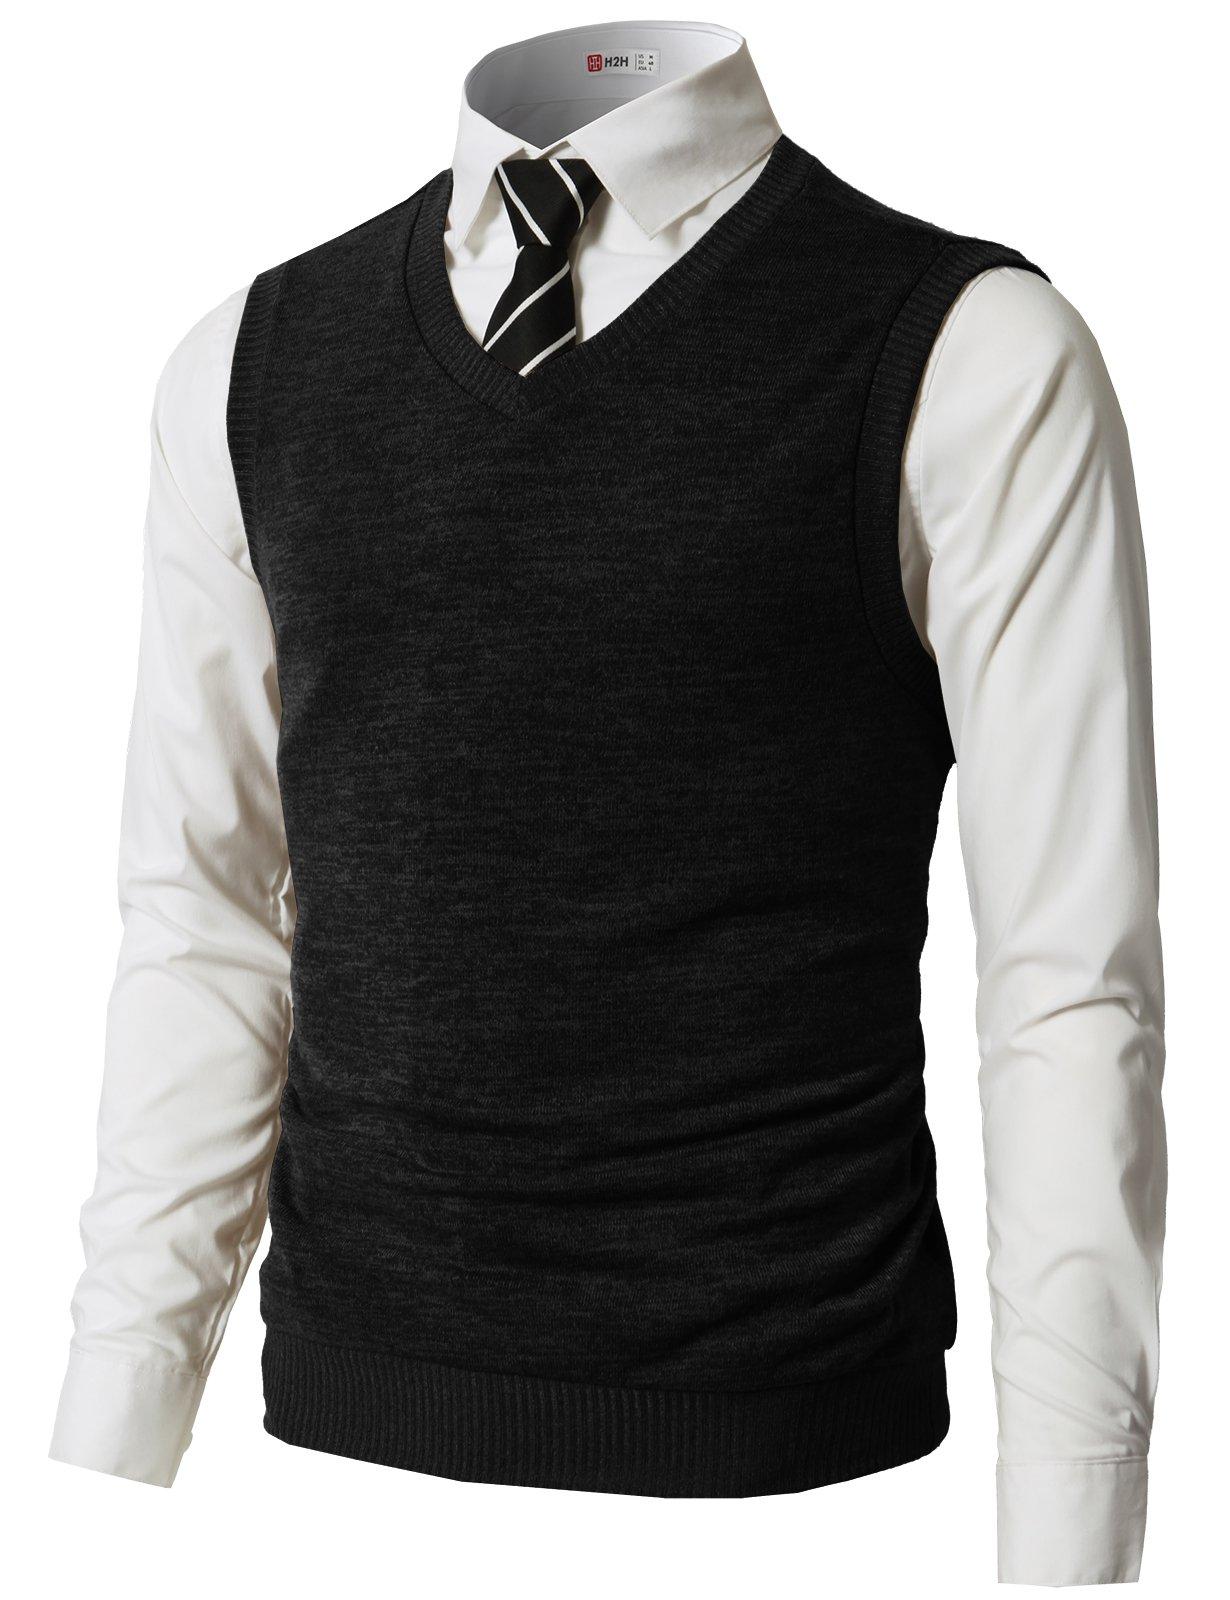 H2H Men's Pima Cotton Solid Button Front Cardigan Vest Of Various Colors Black US 3XL/Asia 4XL (CMOV042)